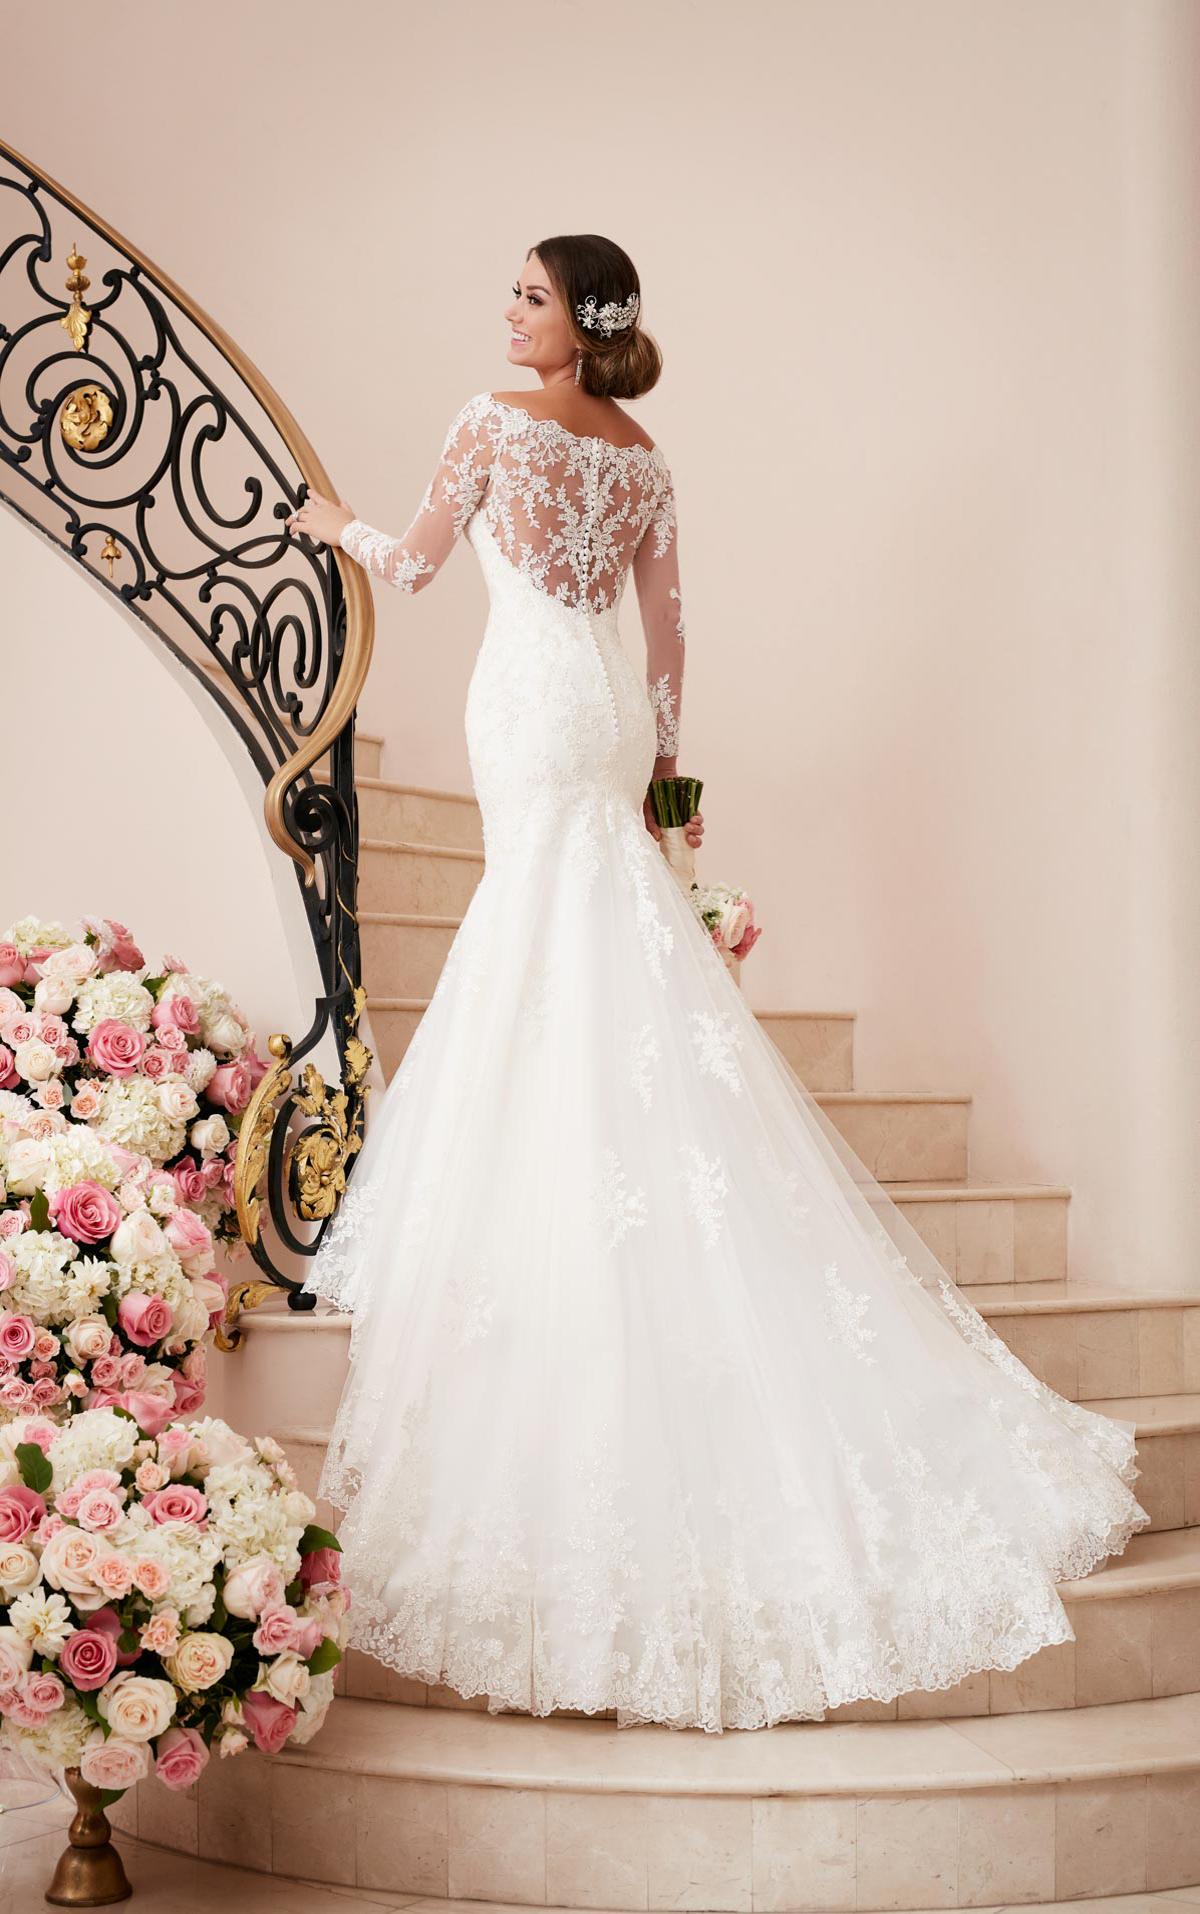 StellaYork6353_Sacramento_Wedding_Gown